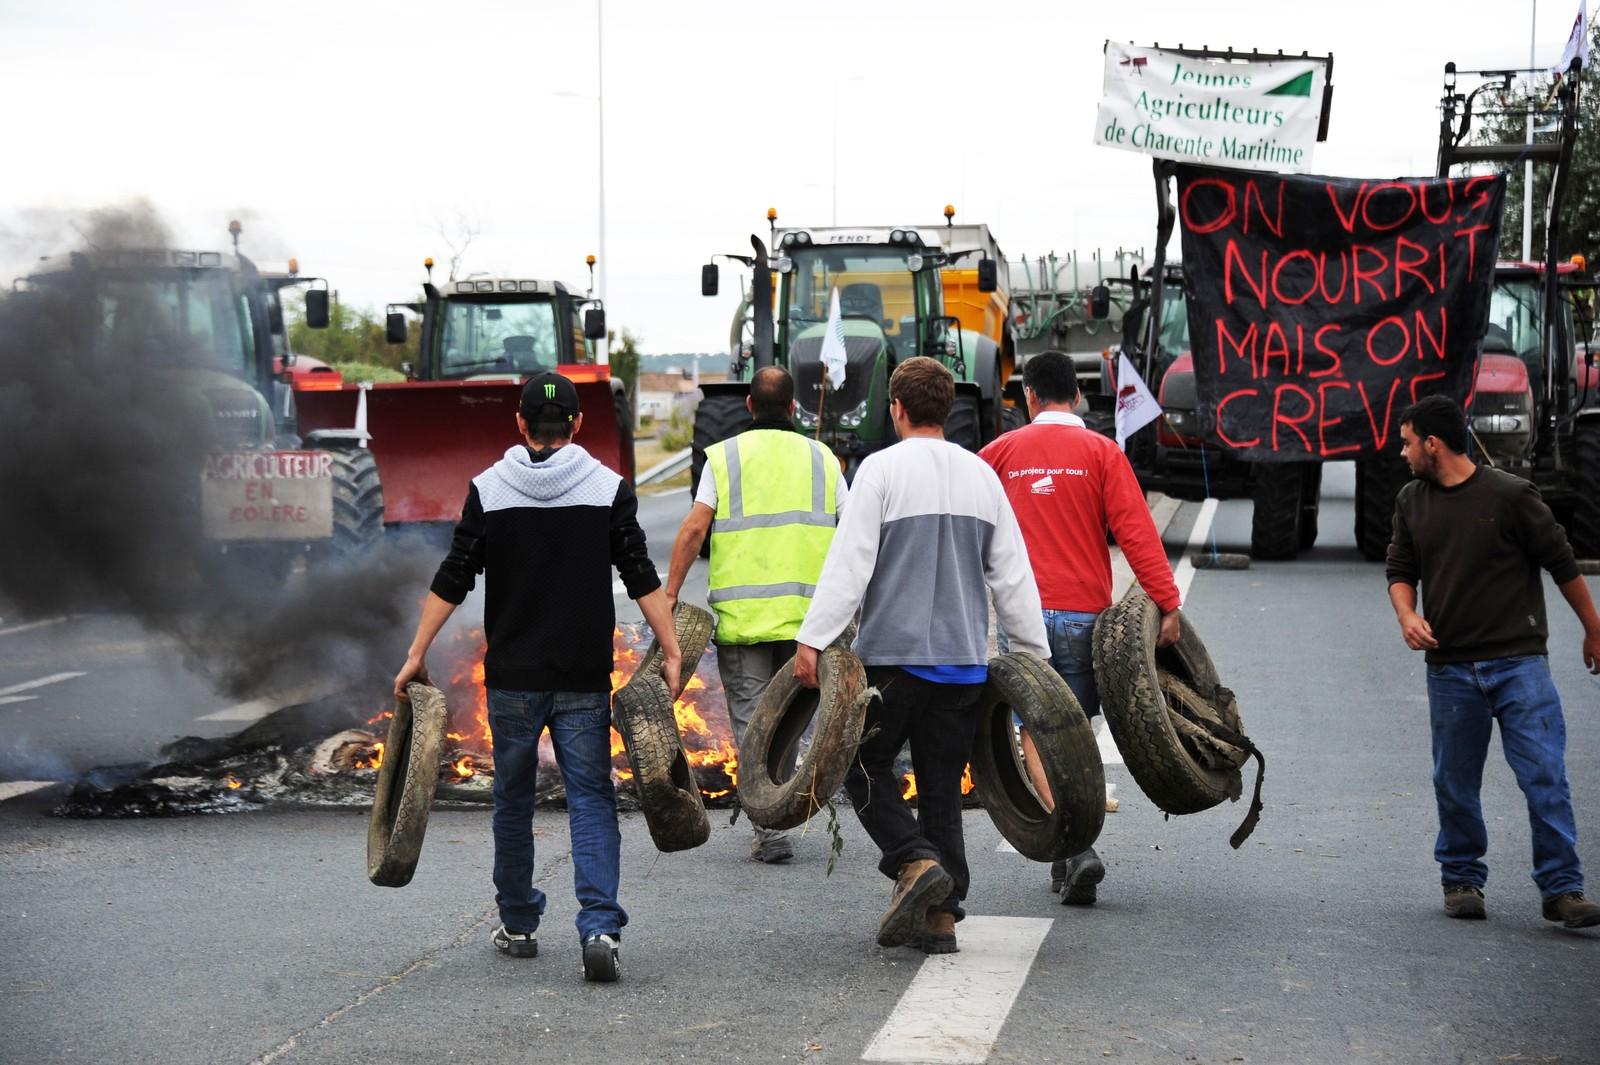 Franske bønder blokkerer brua mellom Marennes og øya Oleron med brennende dekk.